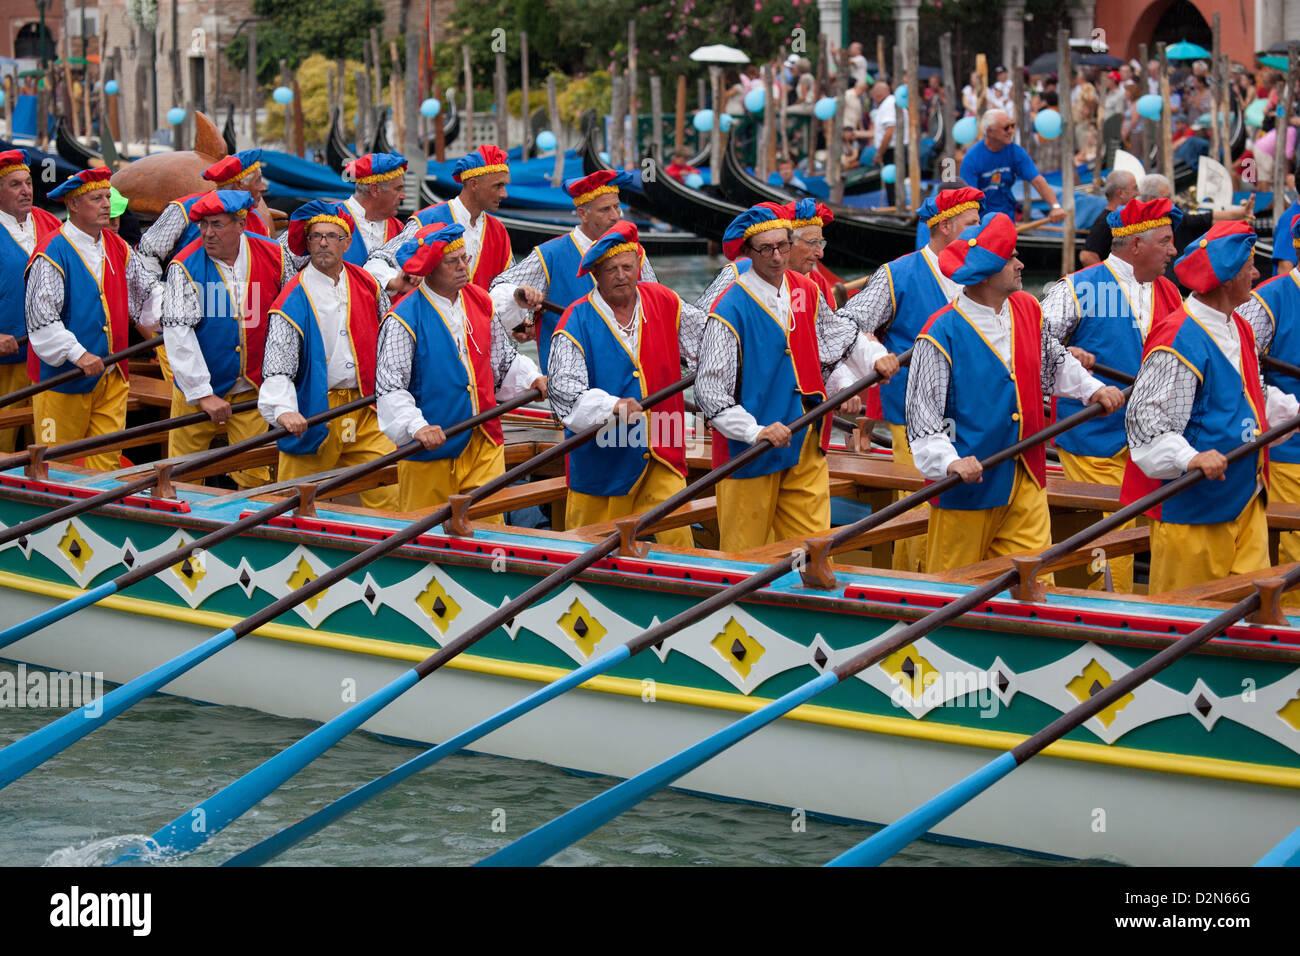 Regata Storica di Venezia, the most important traditional event in Venice, UNESCO World Heritage Site, Veneto, Italy, - Stock Image